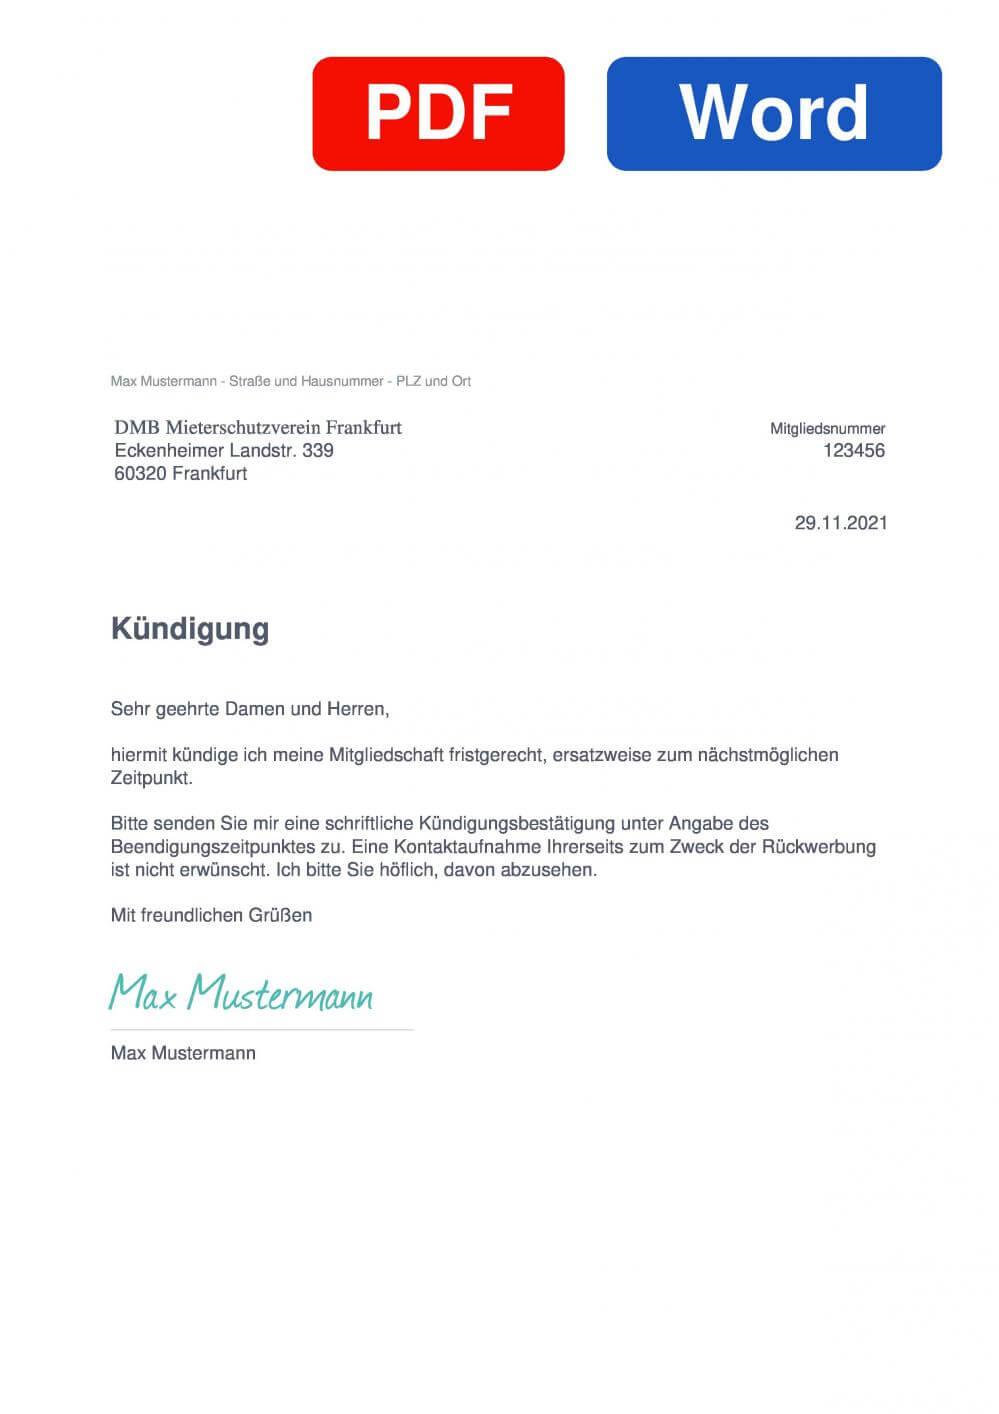 Mieterschutzverein Frankfurt Muster Vorlage für Kündigungsschreiben